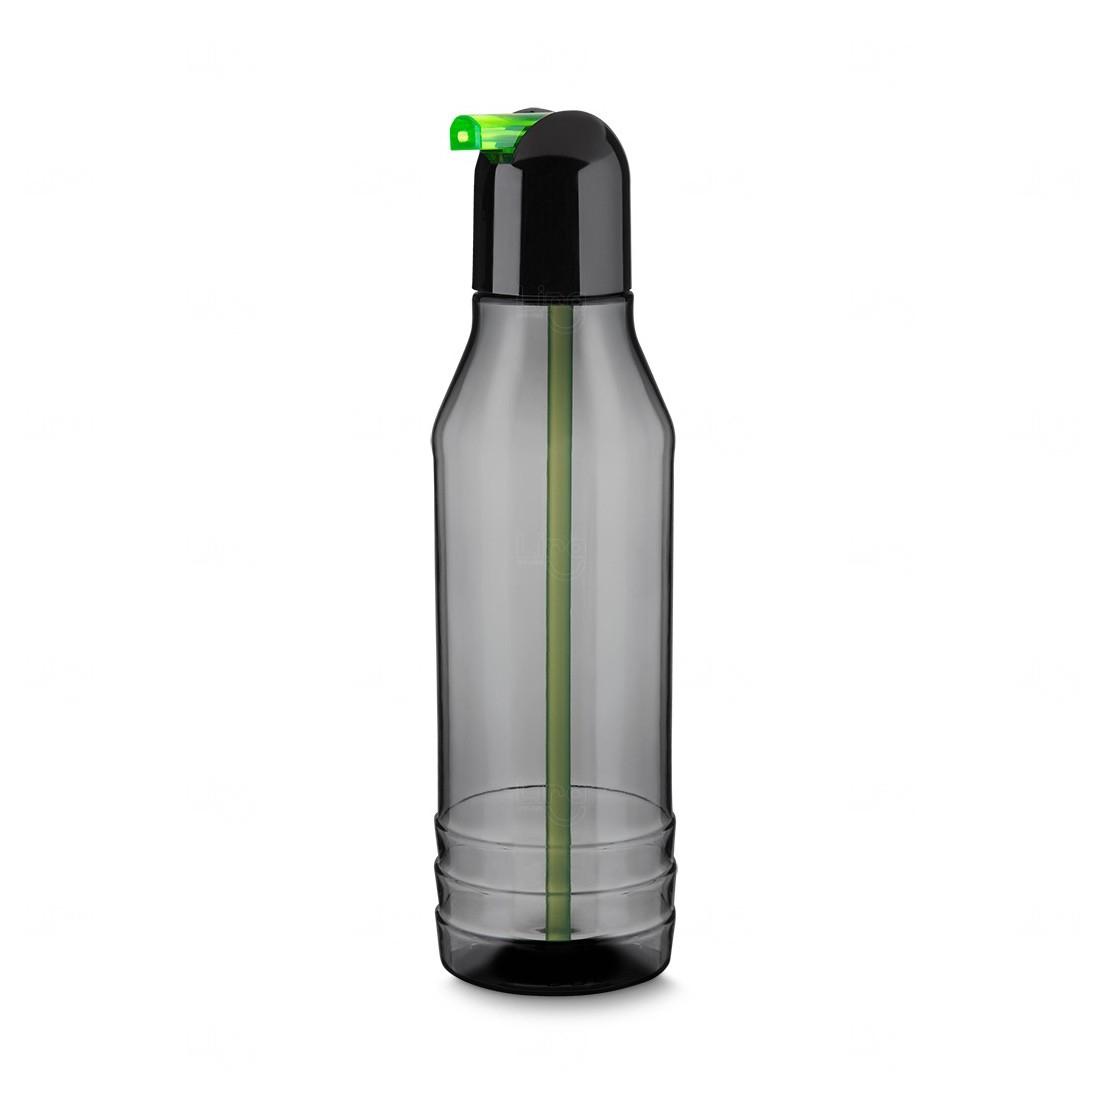 Garrafa Squeeze Plástico Personalizada - 600 ml Verde